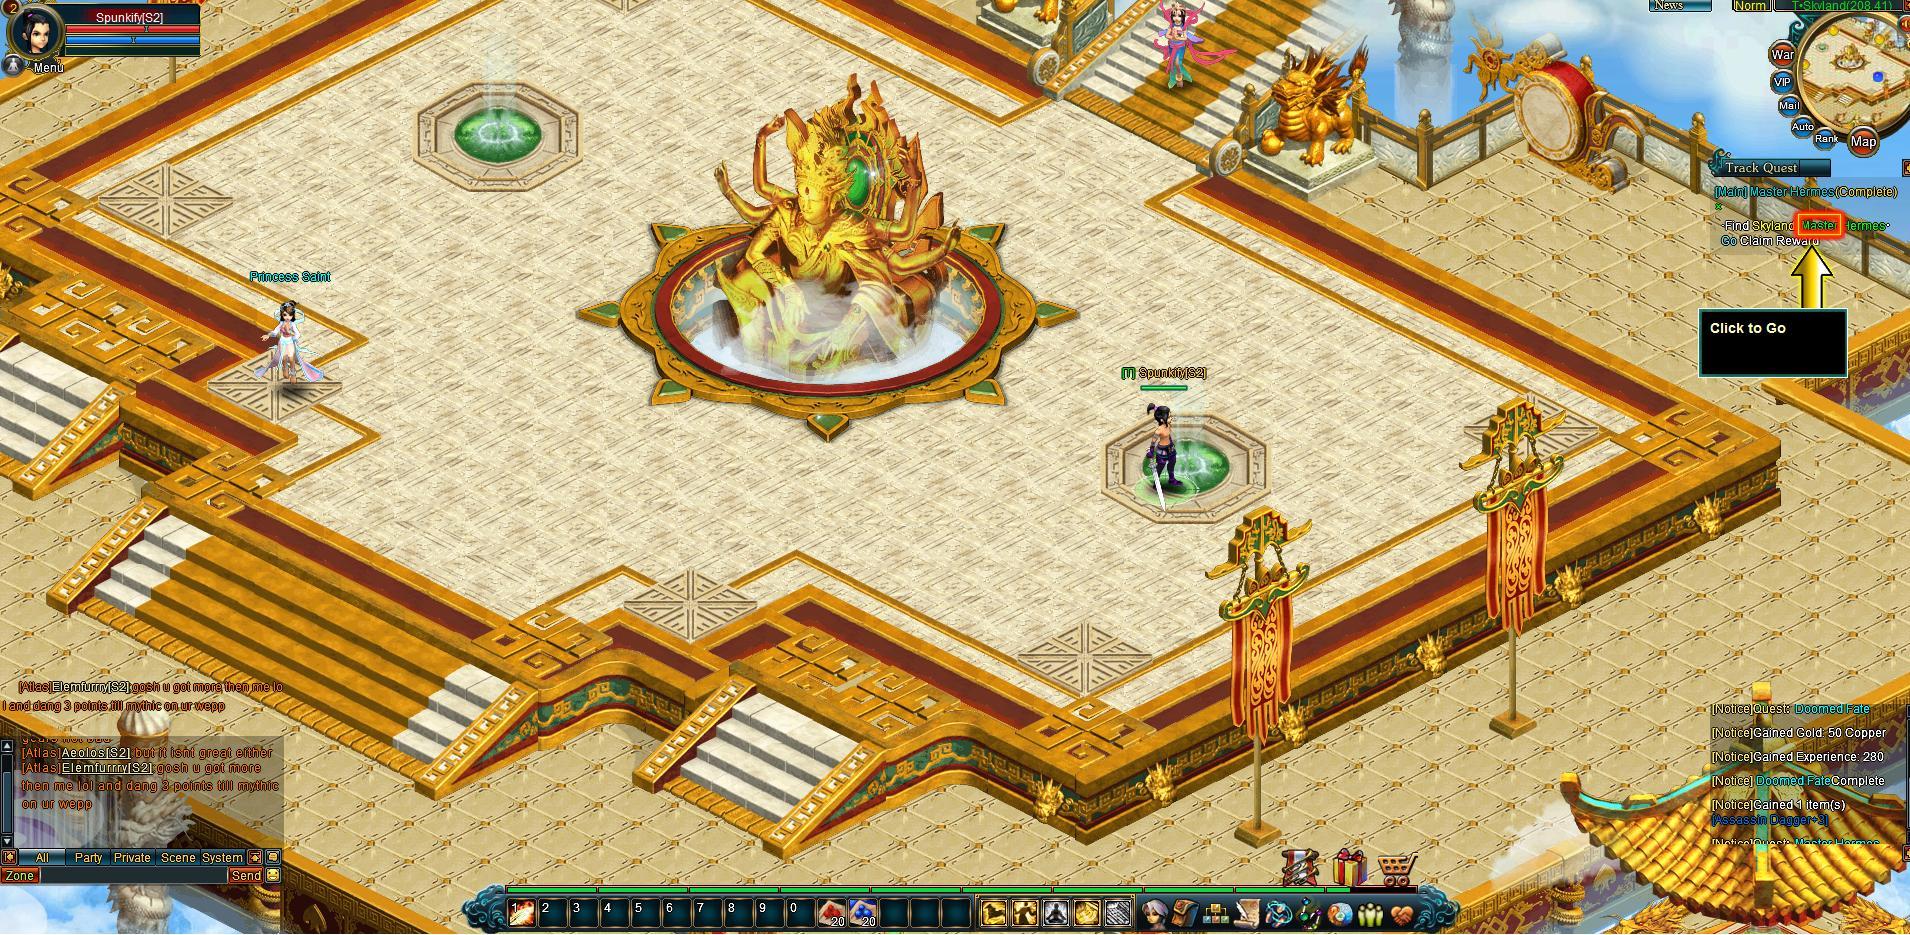 Mythic-Saga-ScreenShots-1